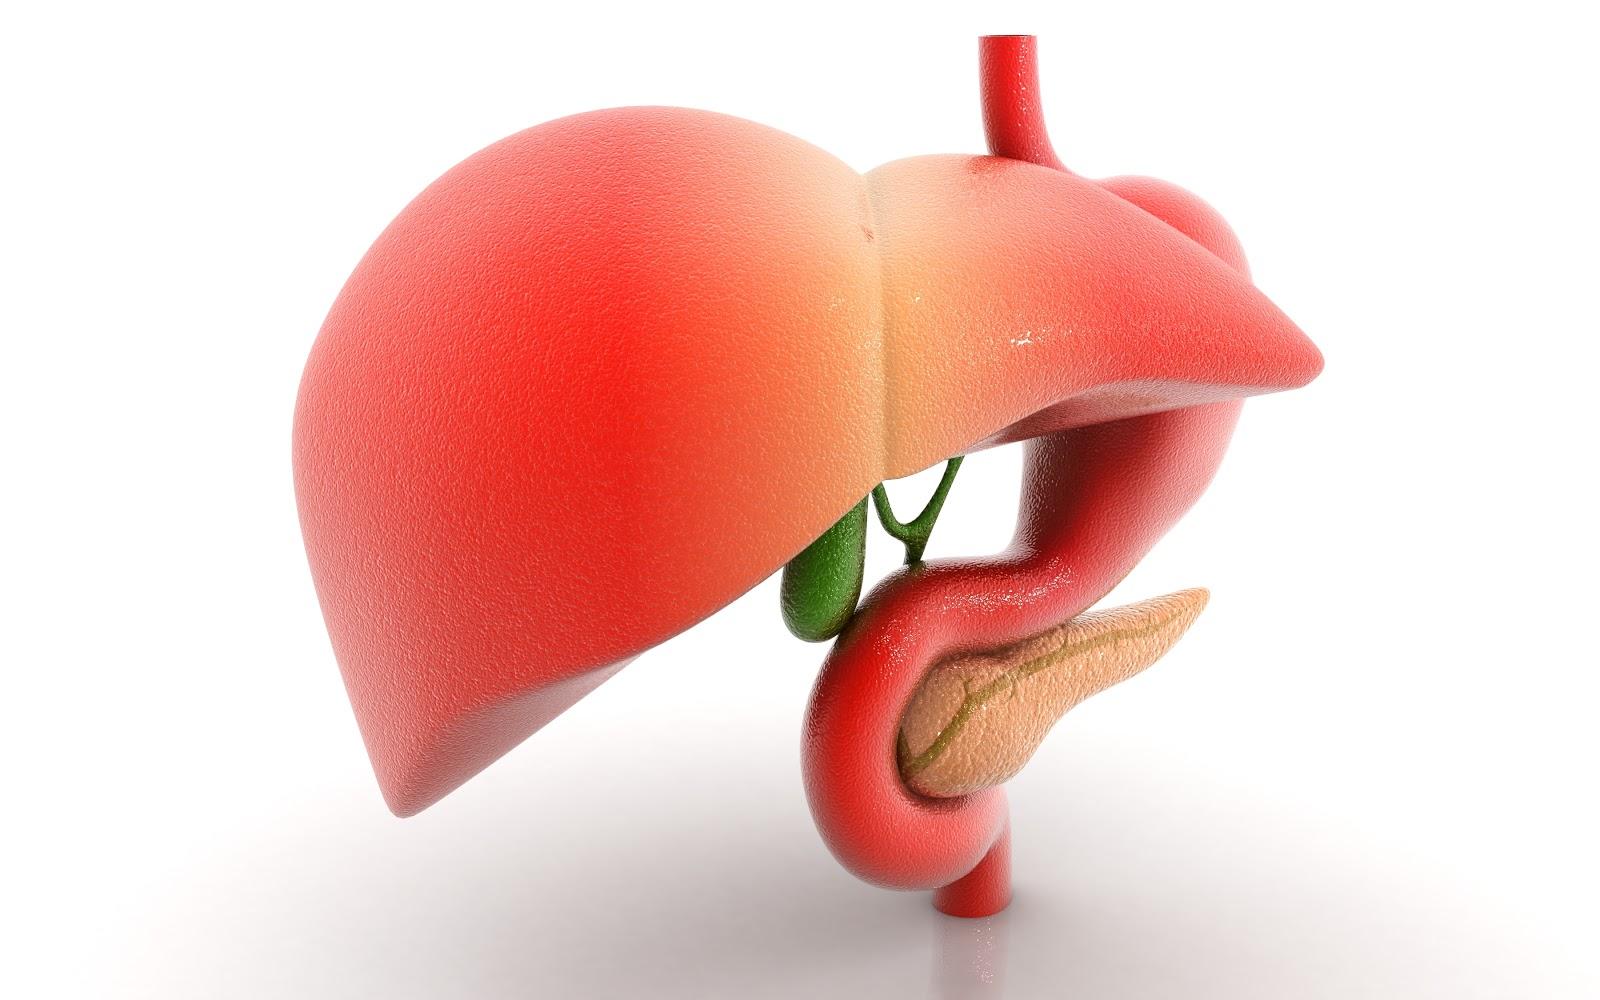 الأسباب الرئيسية المساهمة في إتلاف الكبد هي